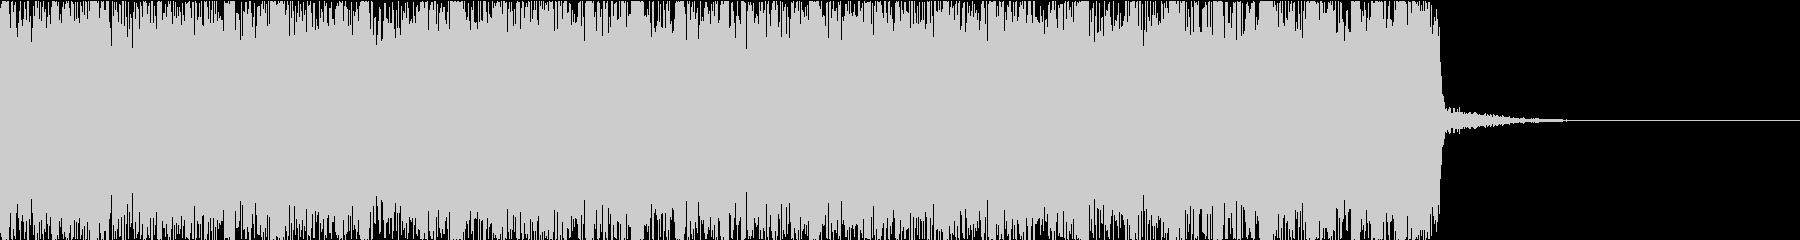 燃えたぎるハードロックメタルのジングルbの未再生の波形